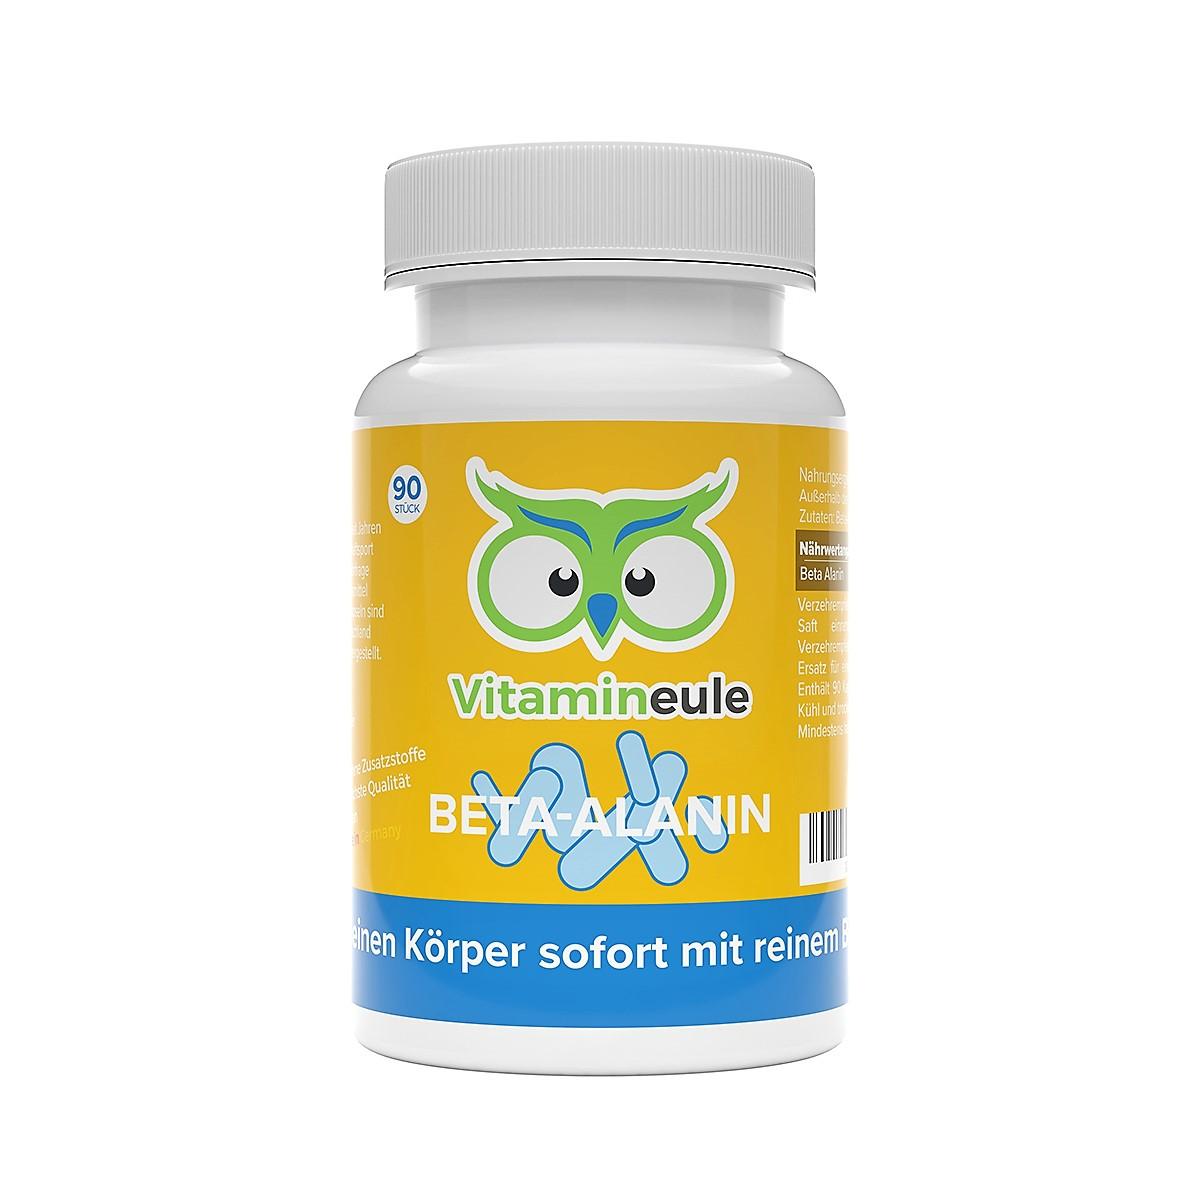 Beta-Alanin Kapseln von Vitamineule ohne Zusatzstoffe